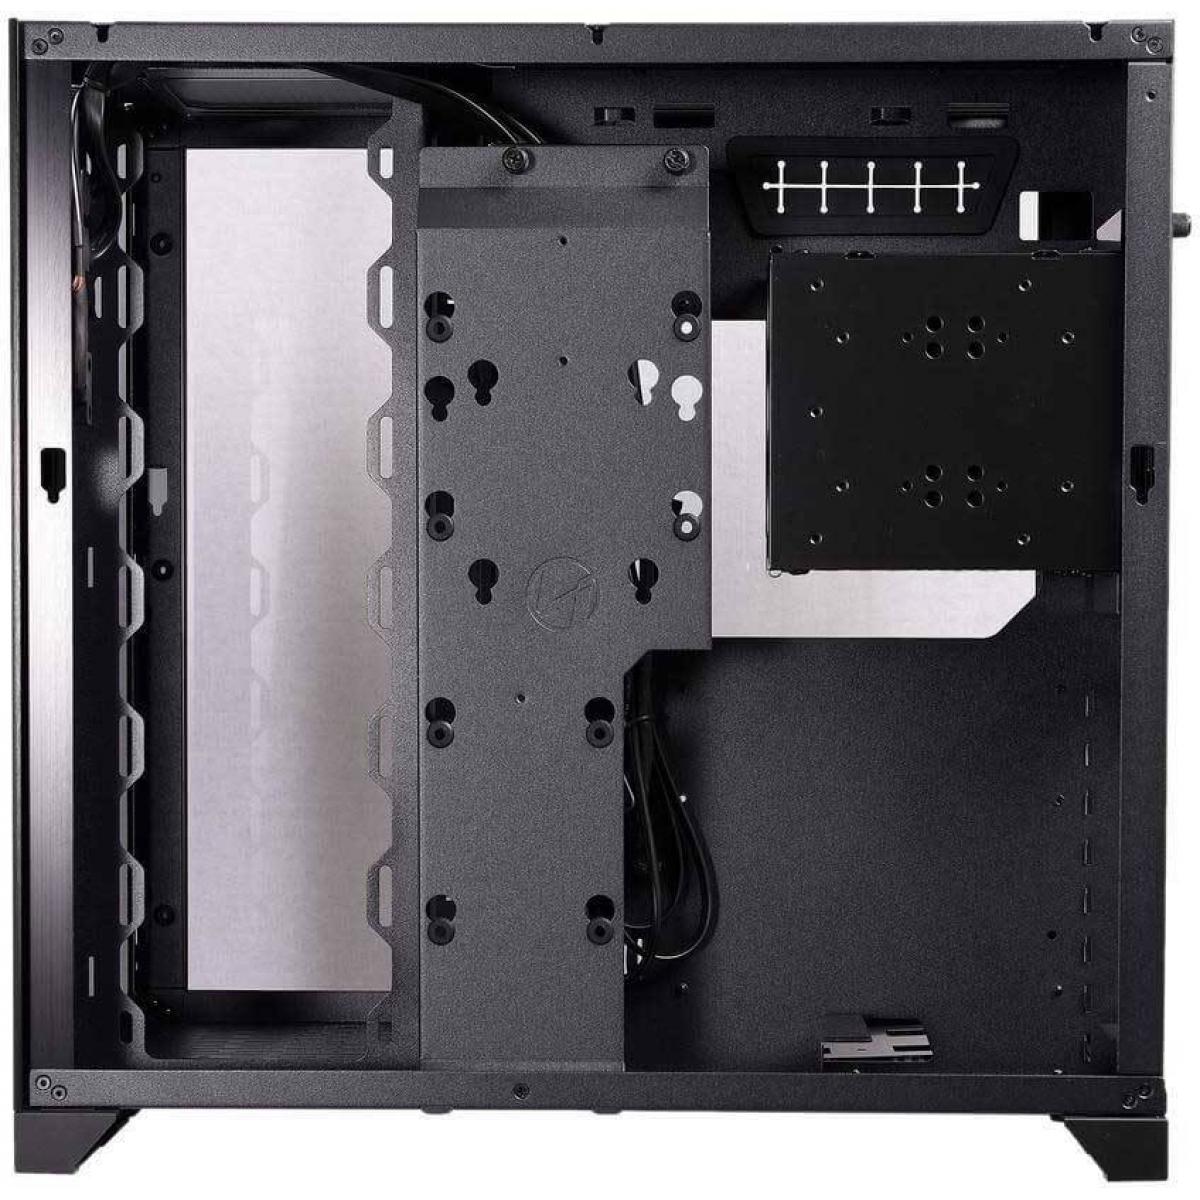 Gabinete Gamer Lian Li Dynamic Razer Edition RGB, Mid Tower, Vidro Temperado, Black, Sem Fonte